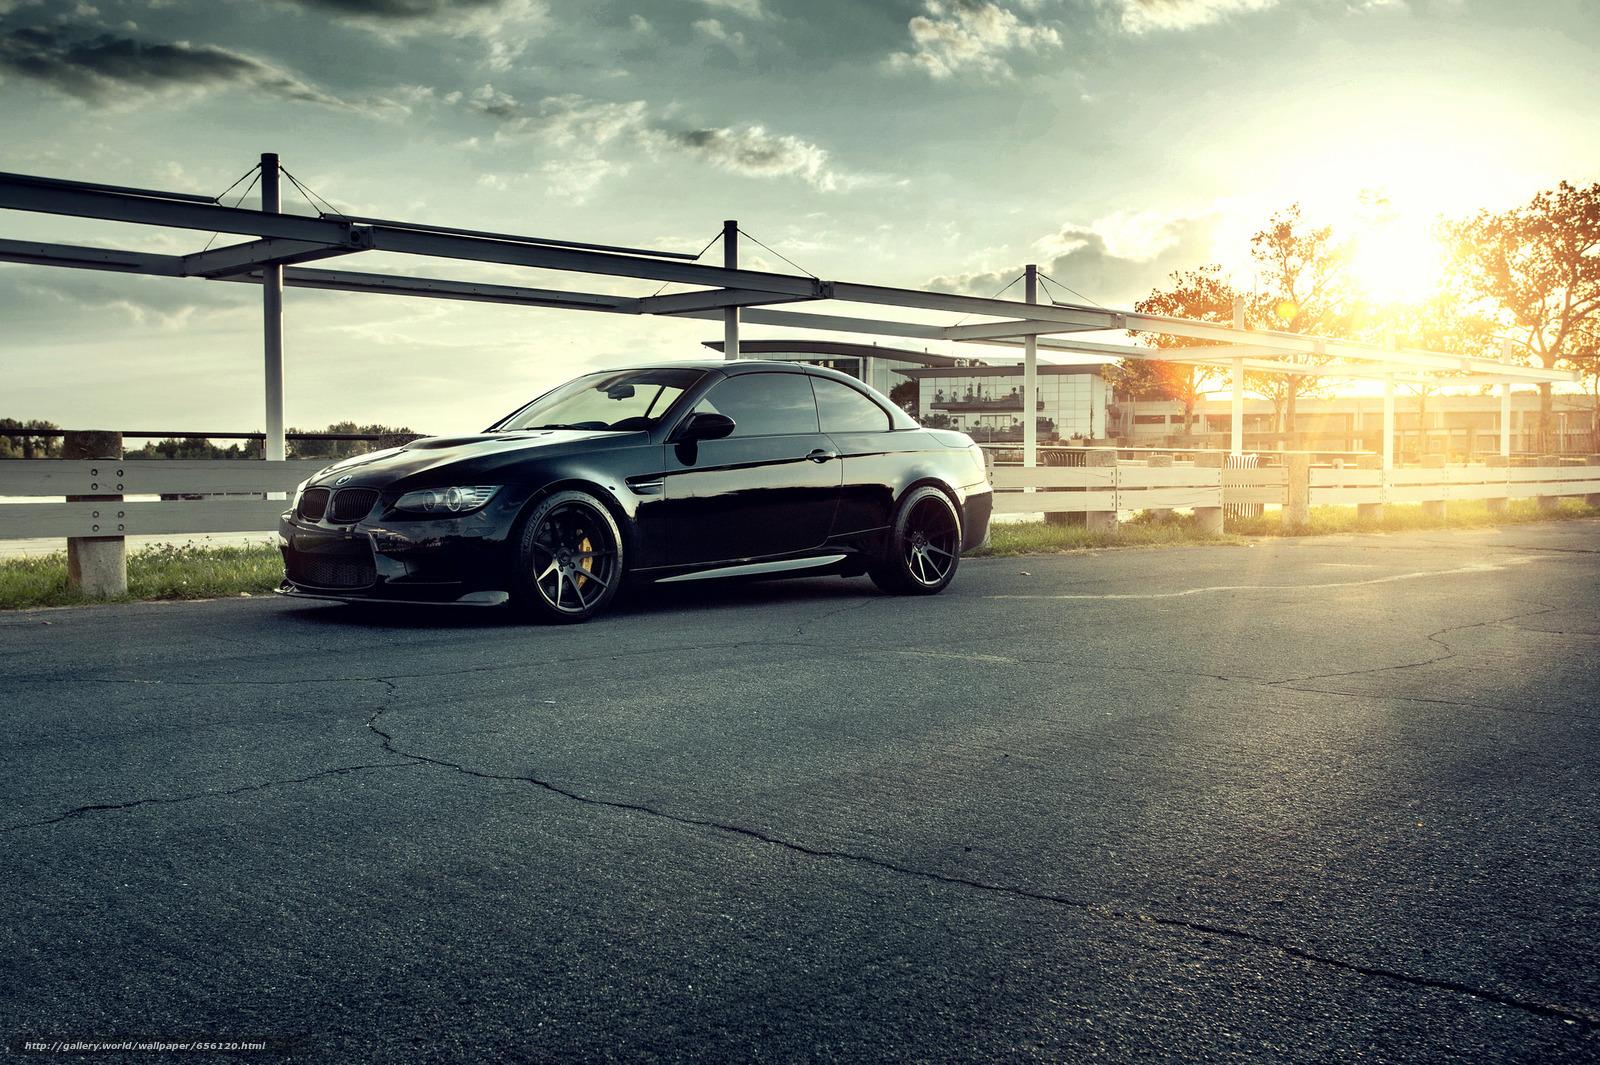 Tlcharger Fond d'ecran BMW,  Machine,  voiture Fonds d'ecran gratuits pour votre rsolution du bureau 2048x1363 — image №656120